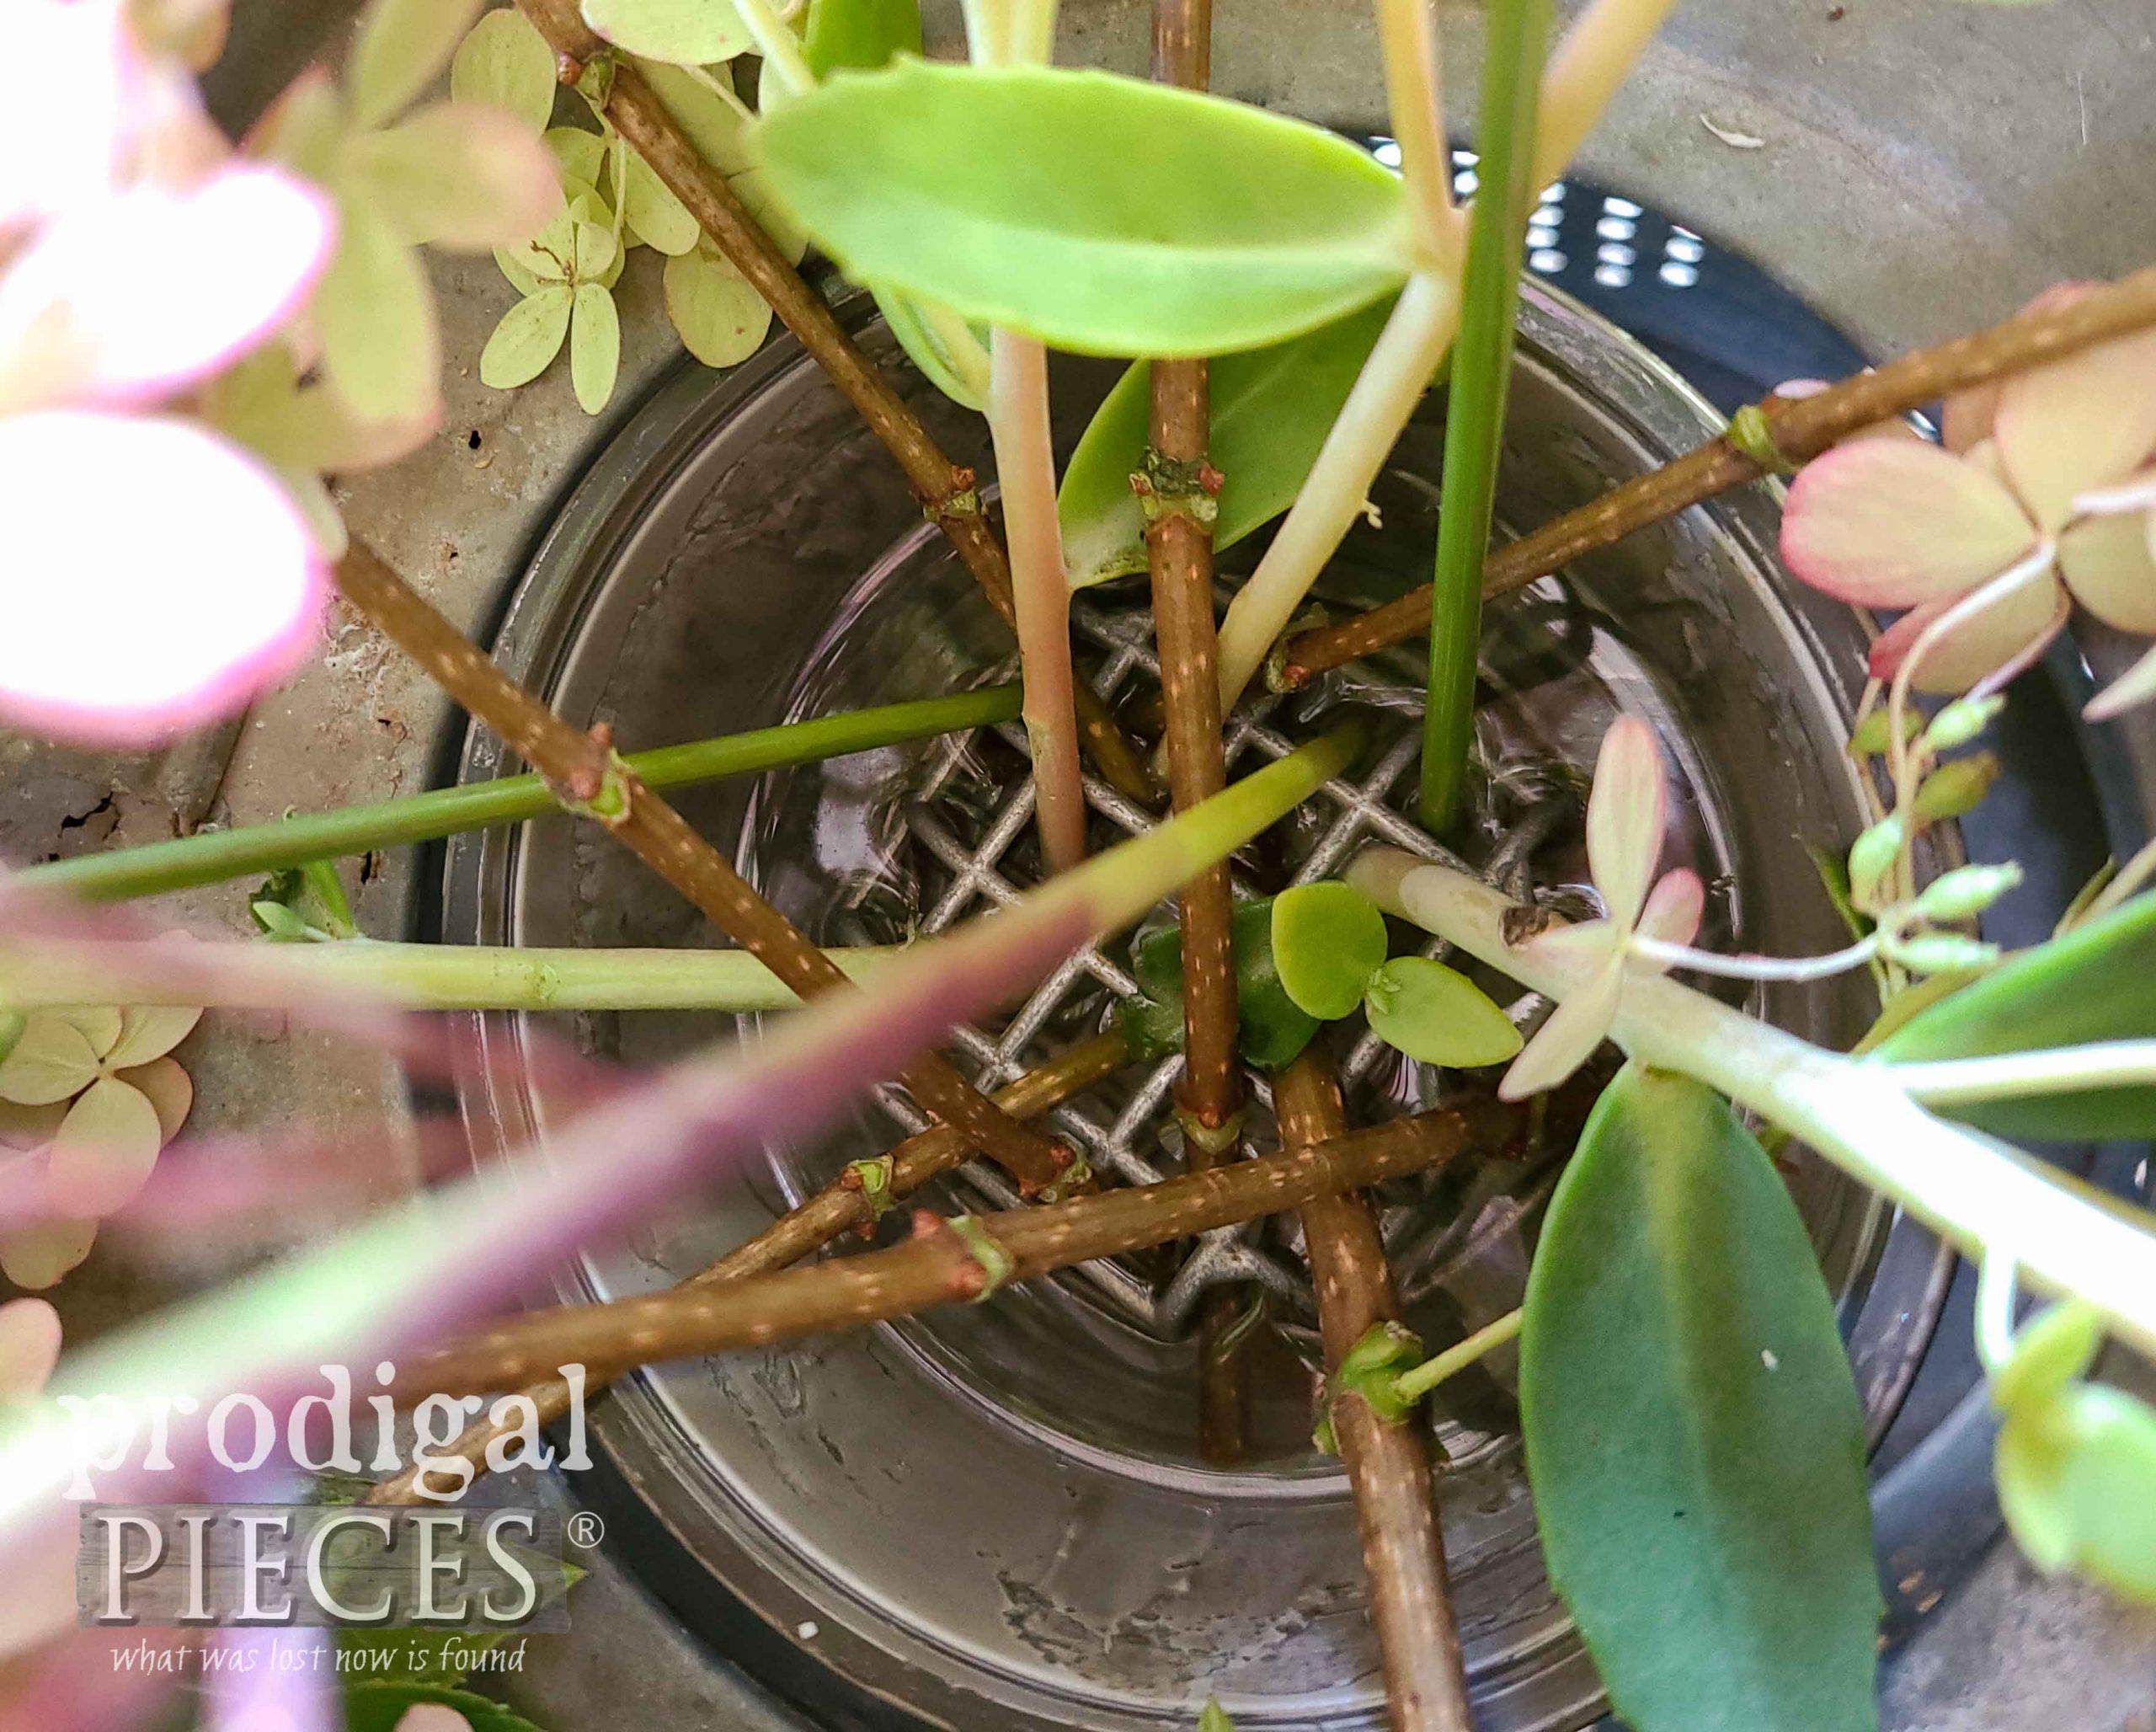 Flower Frog for Farmhouse Tablescape | prodigalpieces.com #prodigalpieces